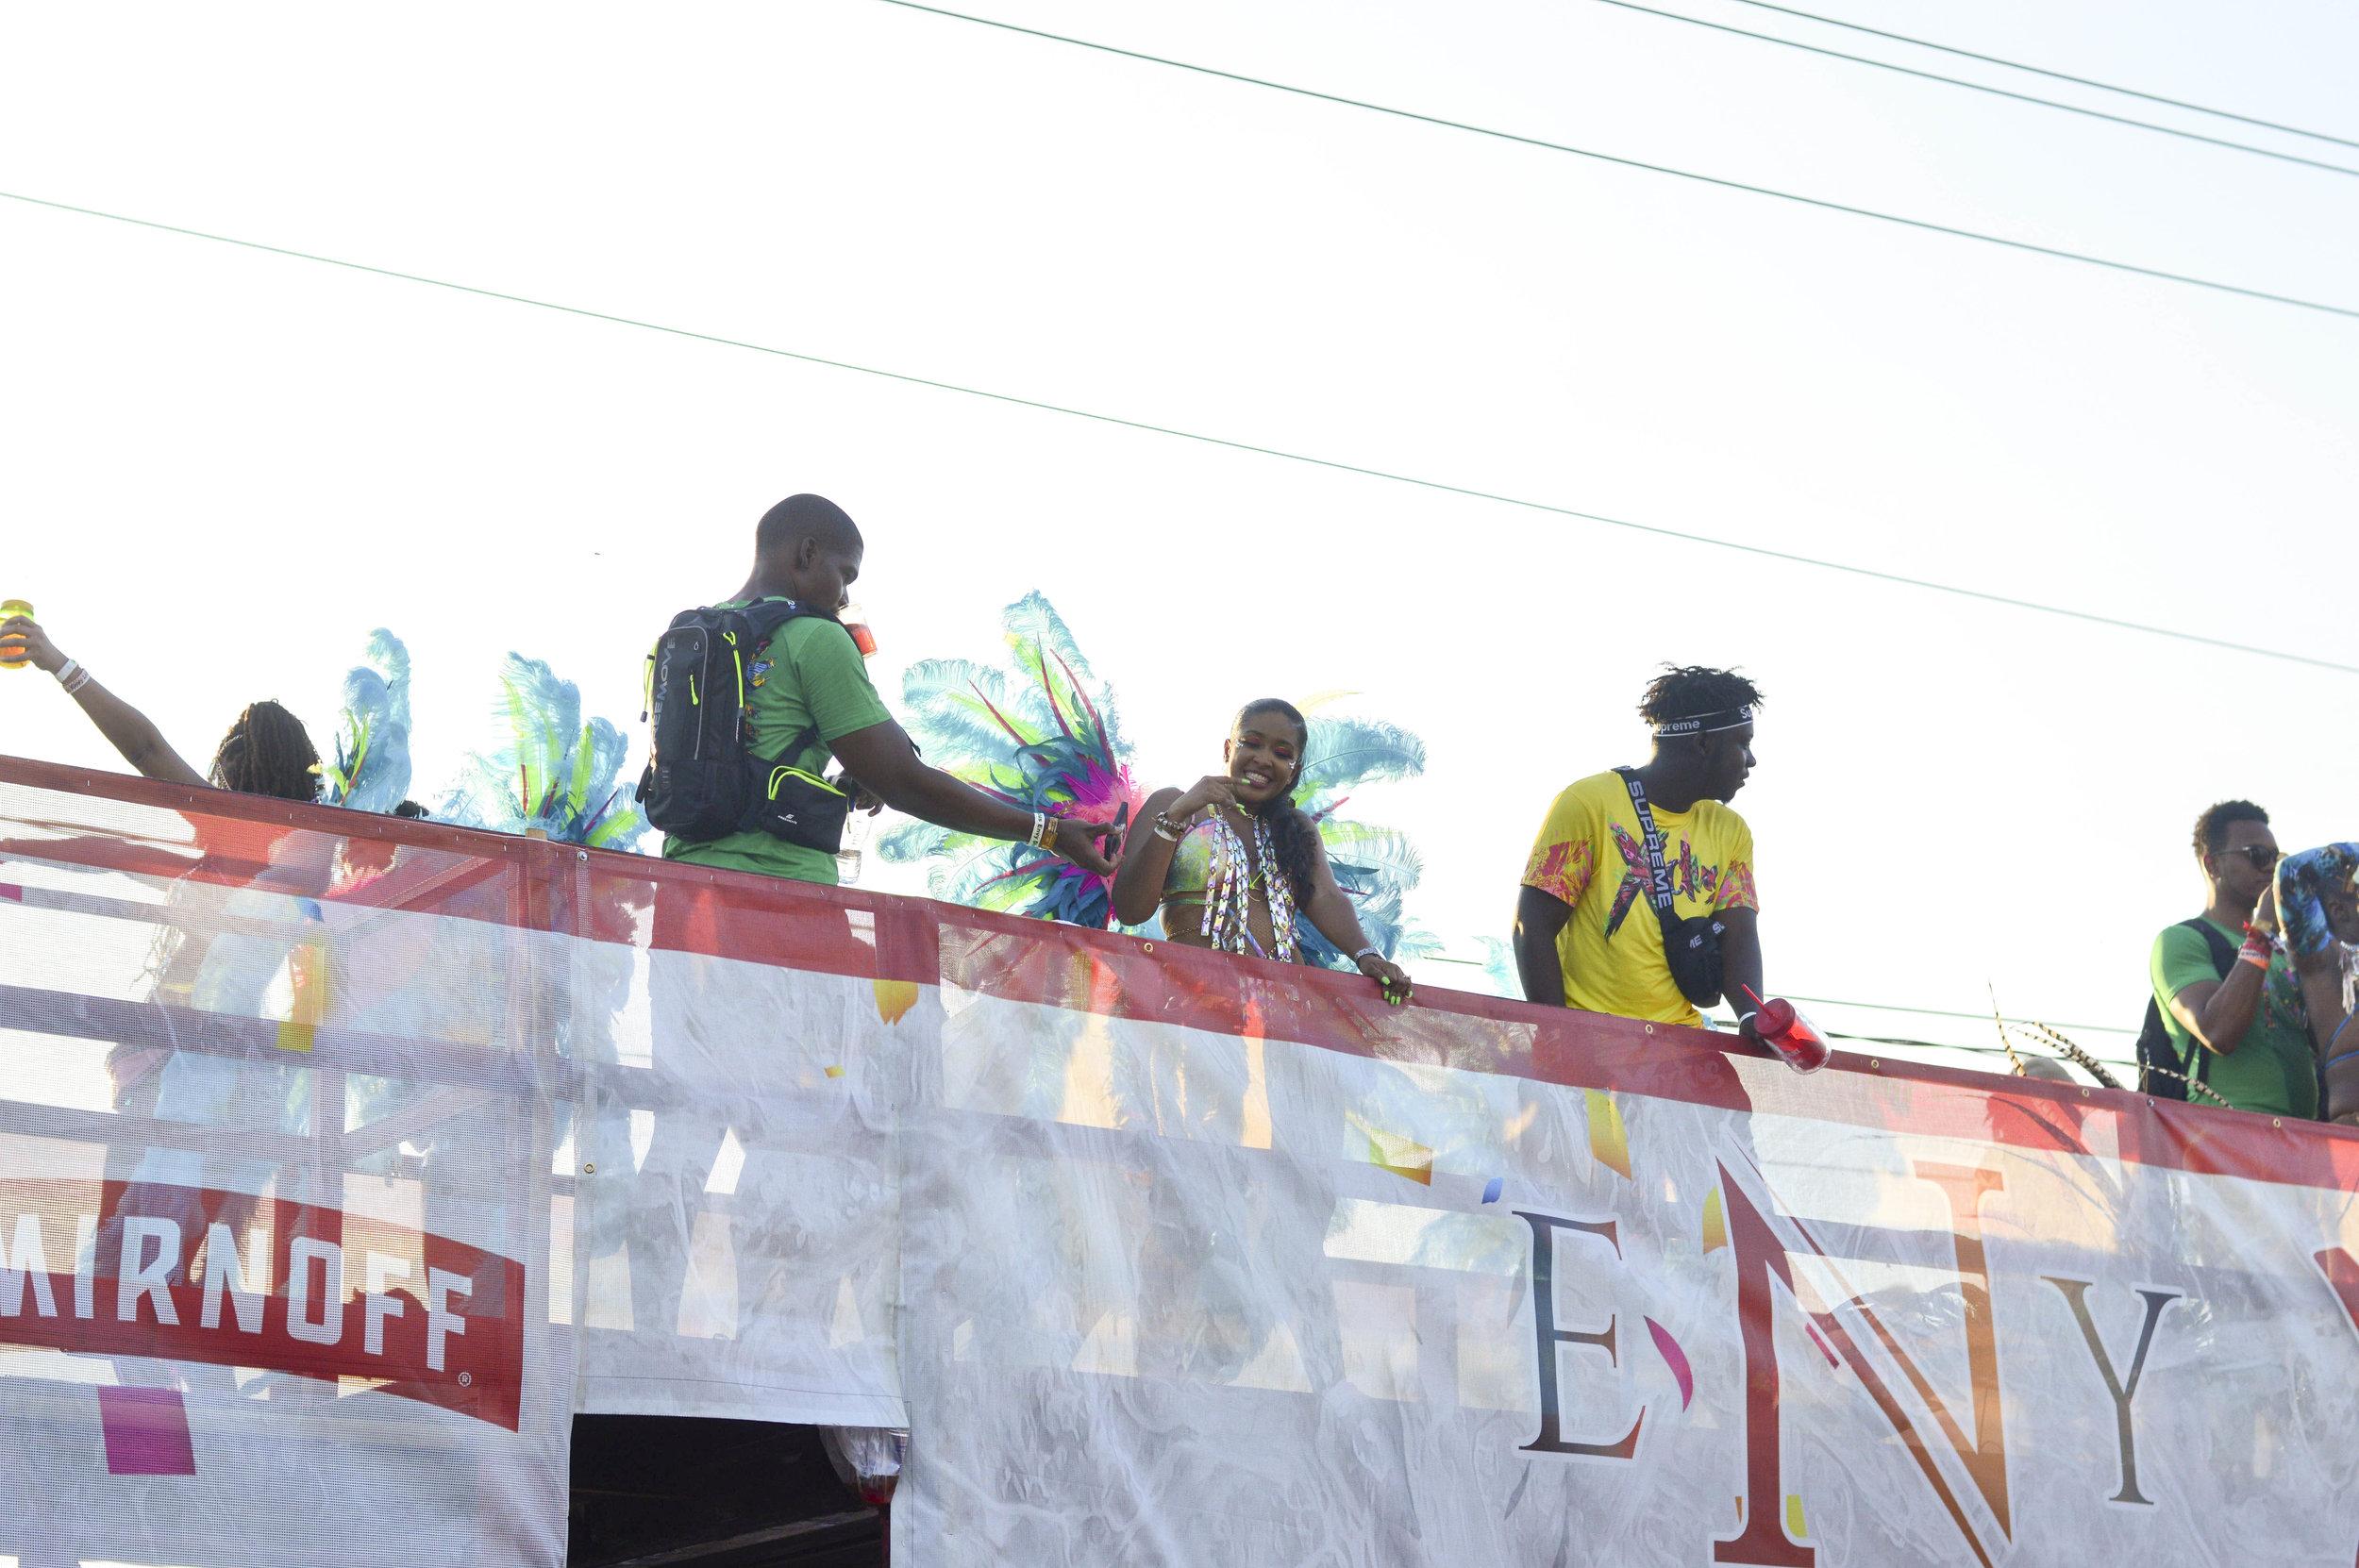 carnival2019_jeanalindo-22.jpg